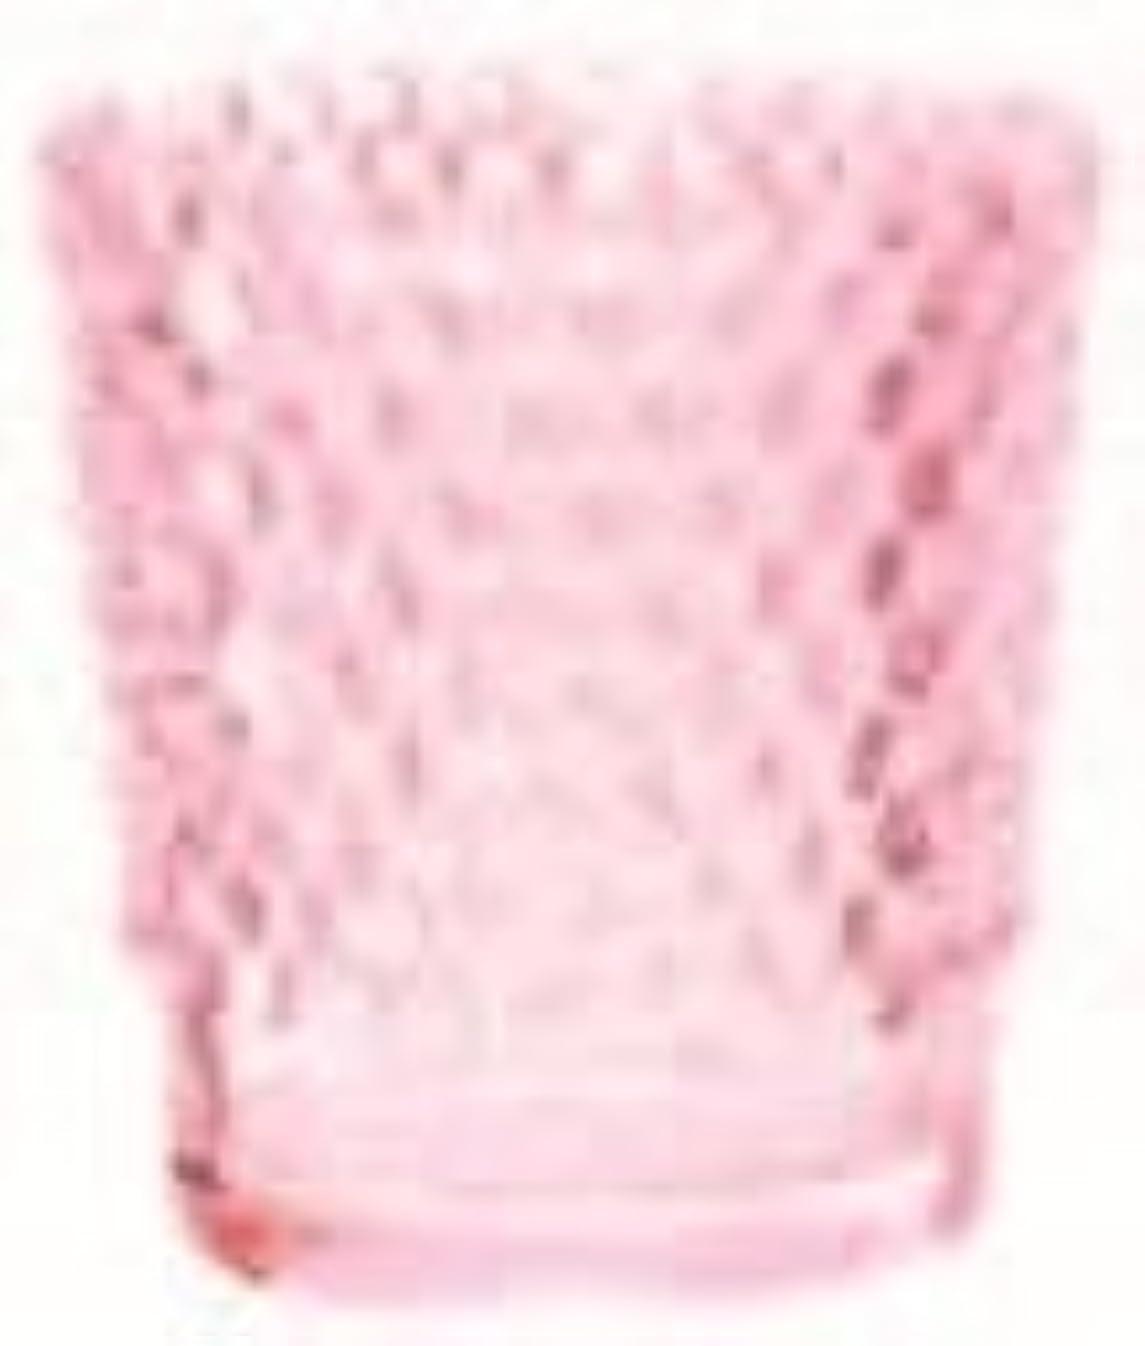 ハム目的望まないカメヤマキャンドル(kameyama candle) ホビネルグラス 「 コーラル 」